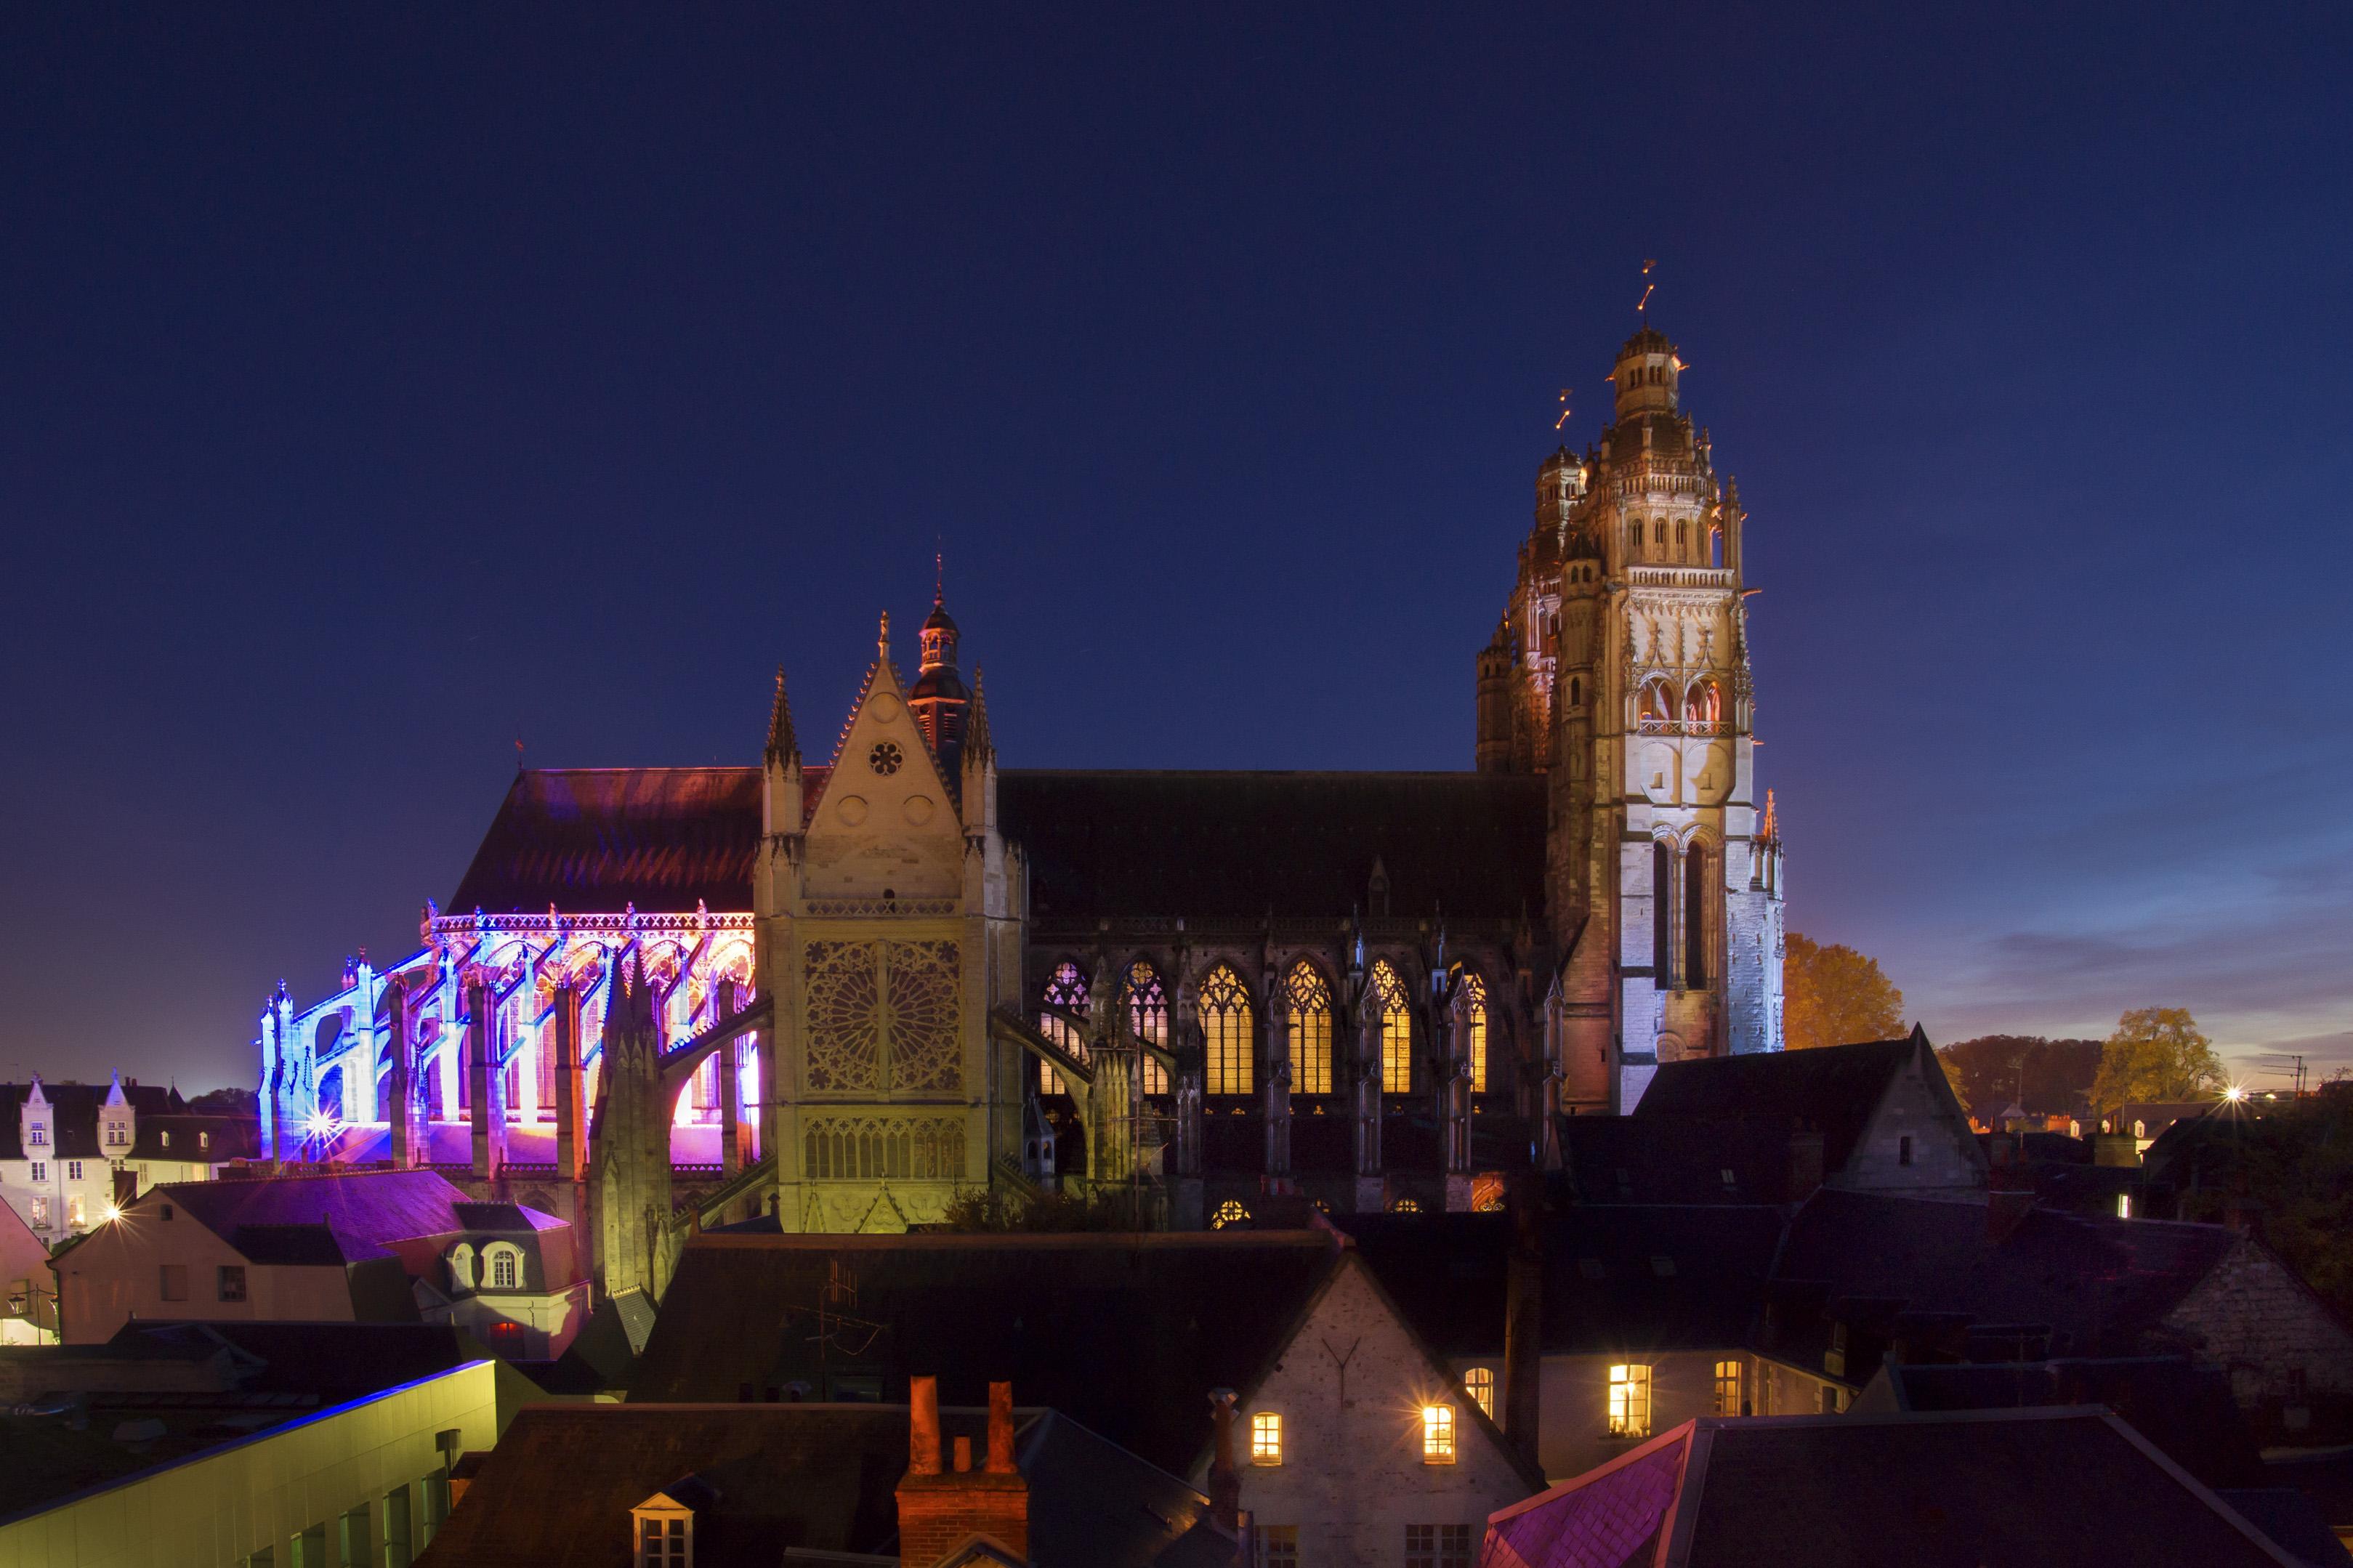 Cathédrale Saint-Gatien, lumières de fin de journée - Octobre 2015